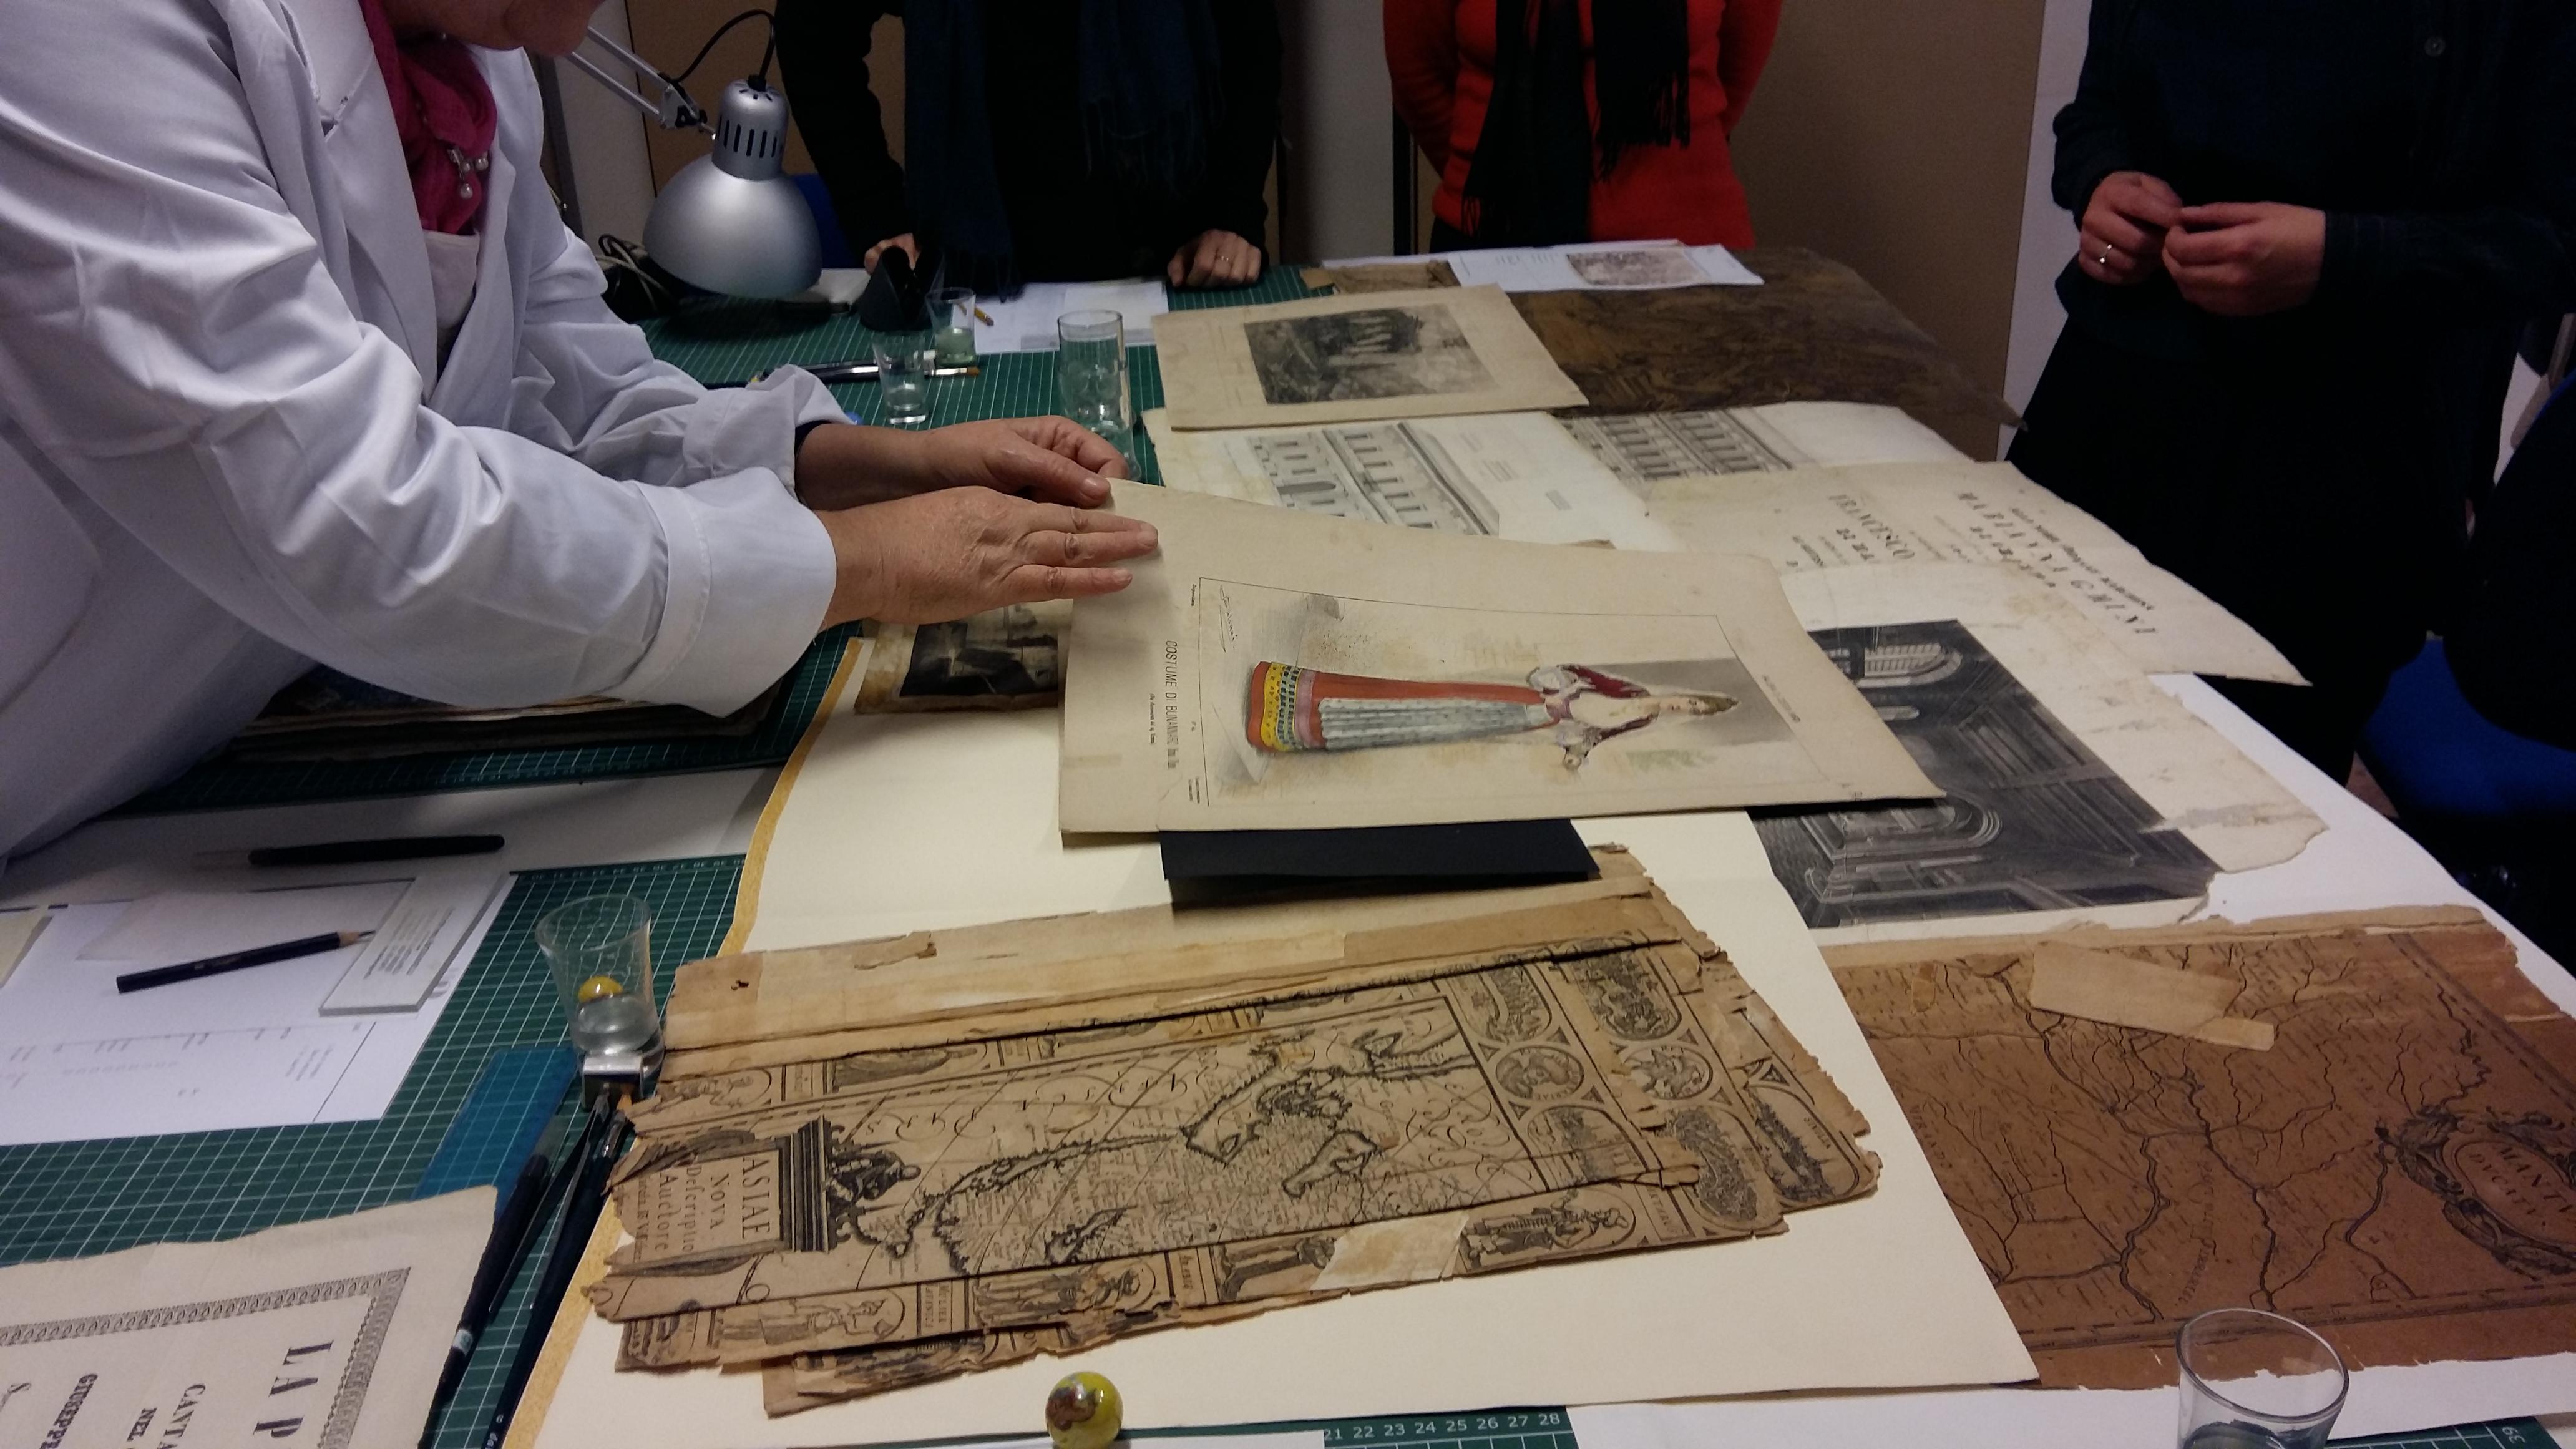 Corso di approccio al restauro conservativo di opere  su carta, stampe, disegni, libri antichi e d'epoca